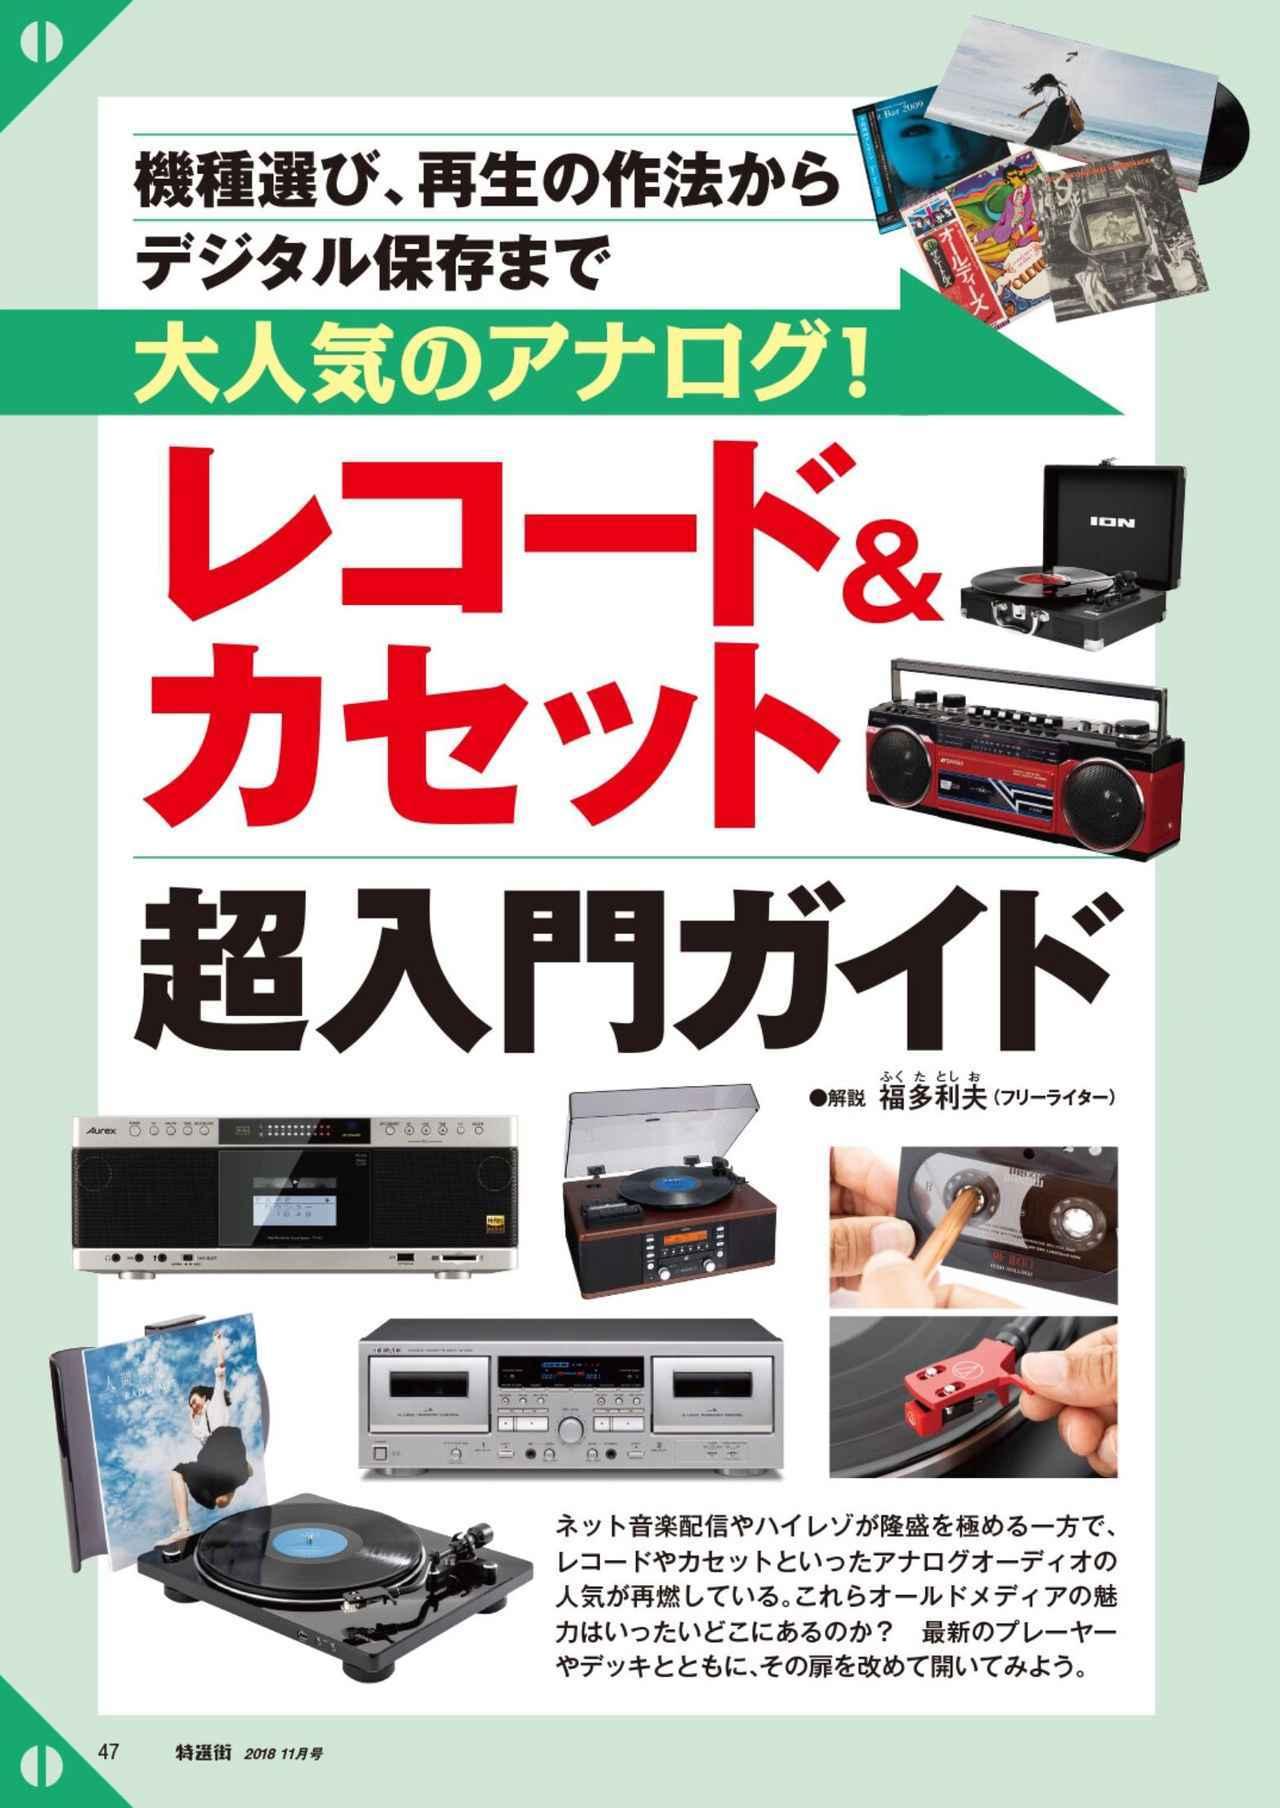 画像4: 「今どきのオーディオ&音楽」「レコード&カセット」を大特集。「特選街11月号」本日発売です!